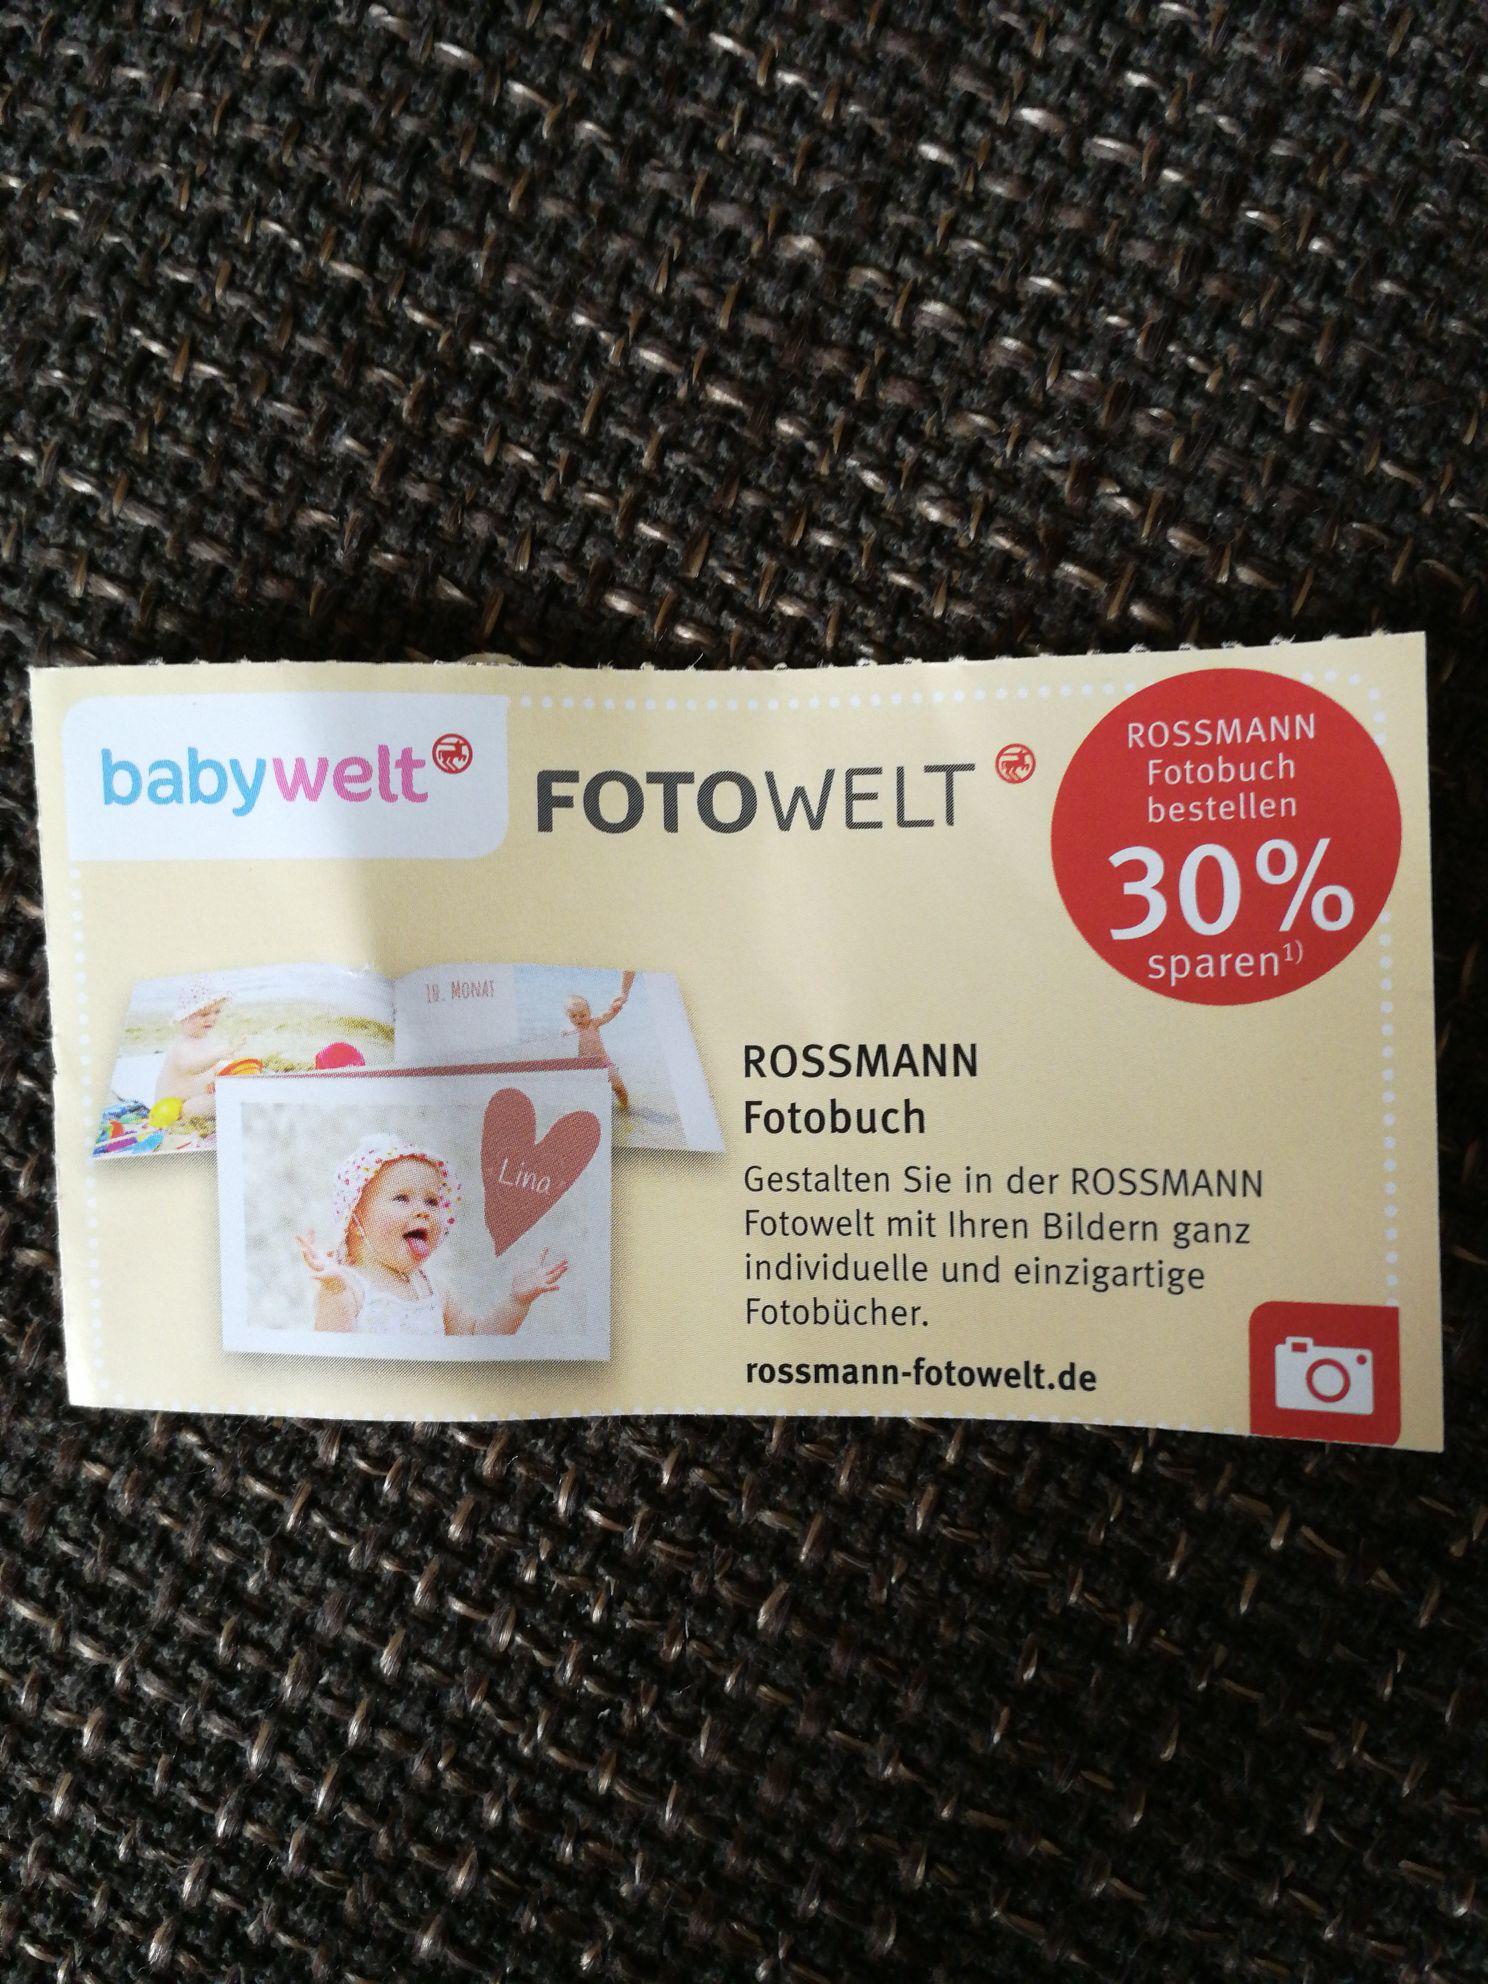 rossmann babywelt coupons mydealz